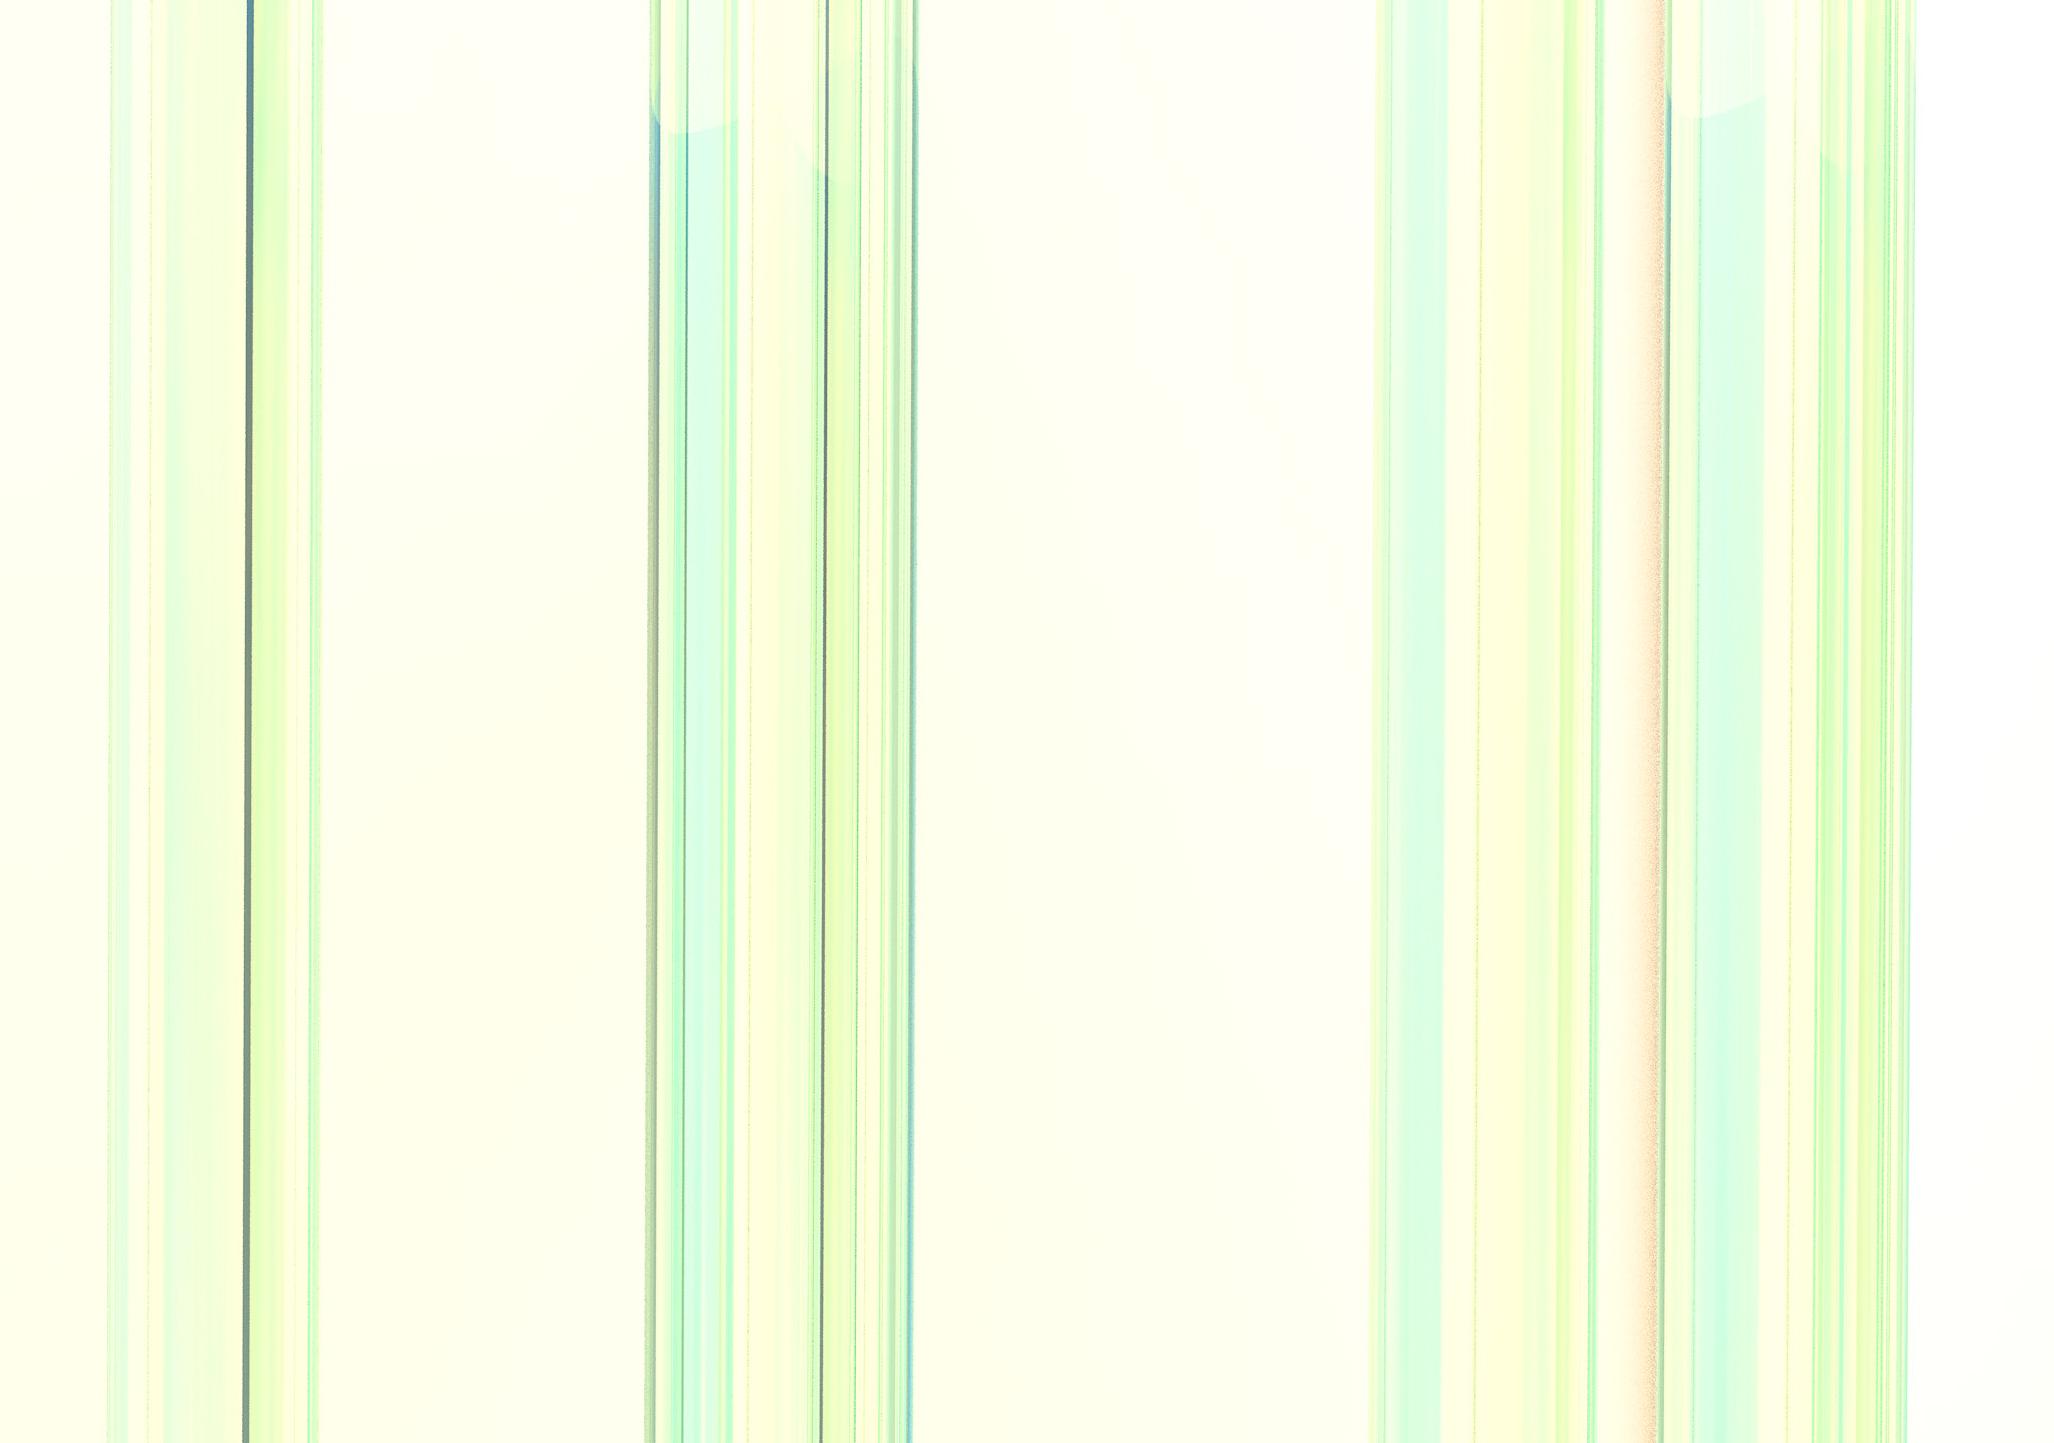 affichea1-predation-rvb-1_09